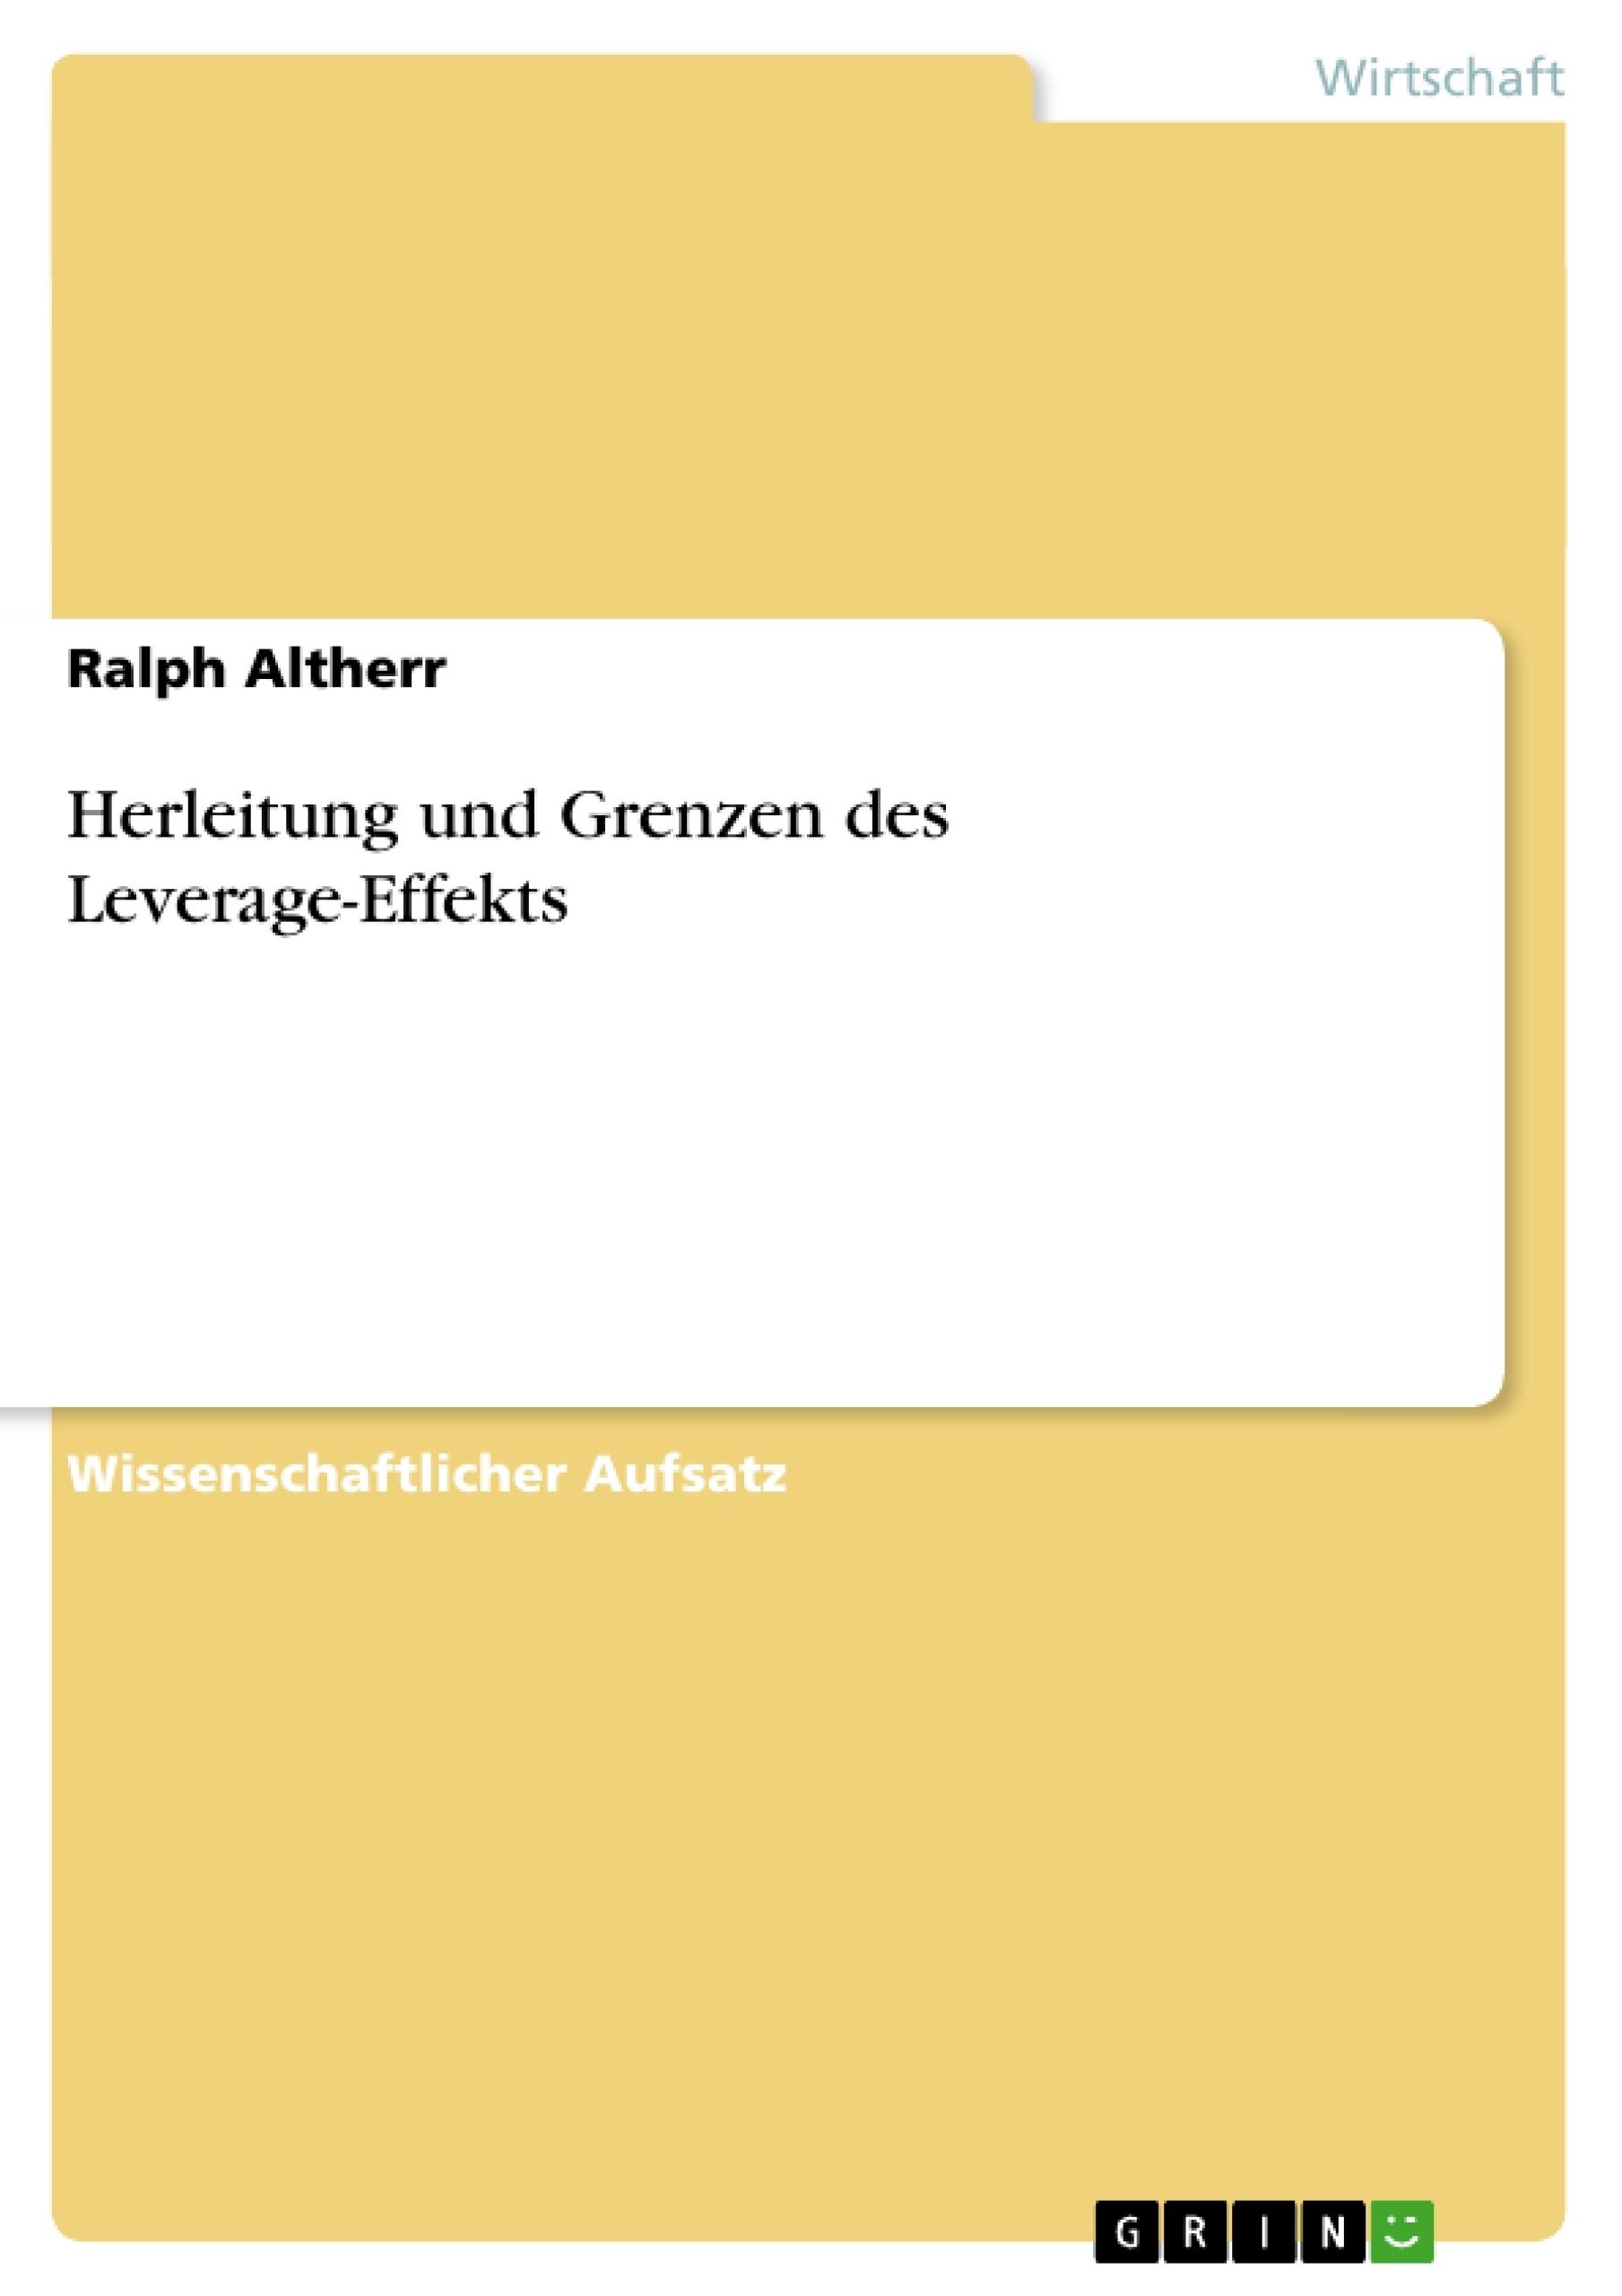 Titel: Herleitung und Grenzen des Leverage-Effekts